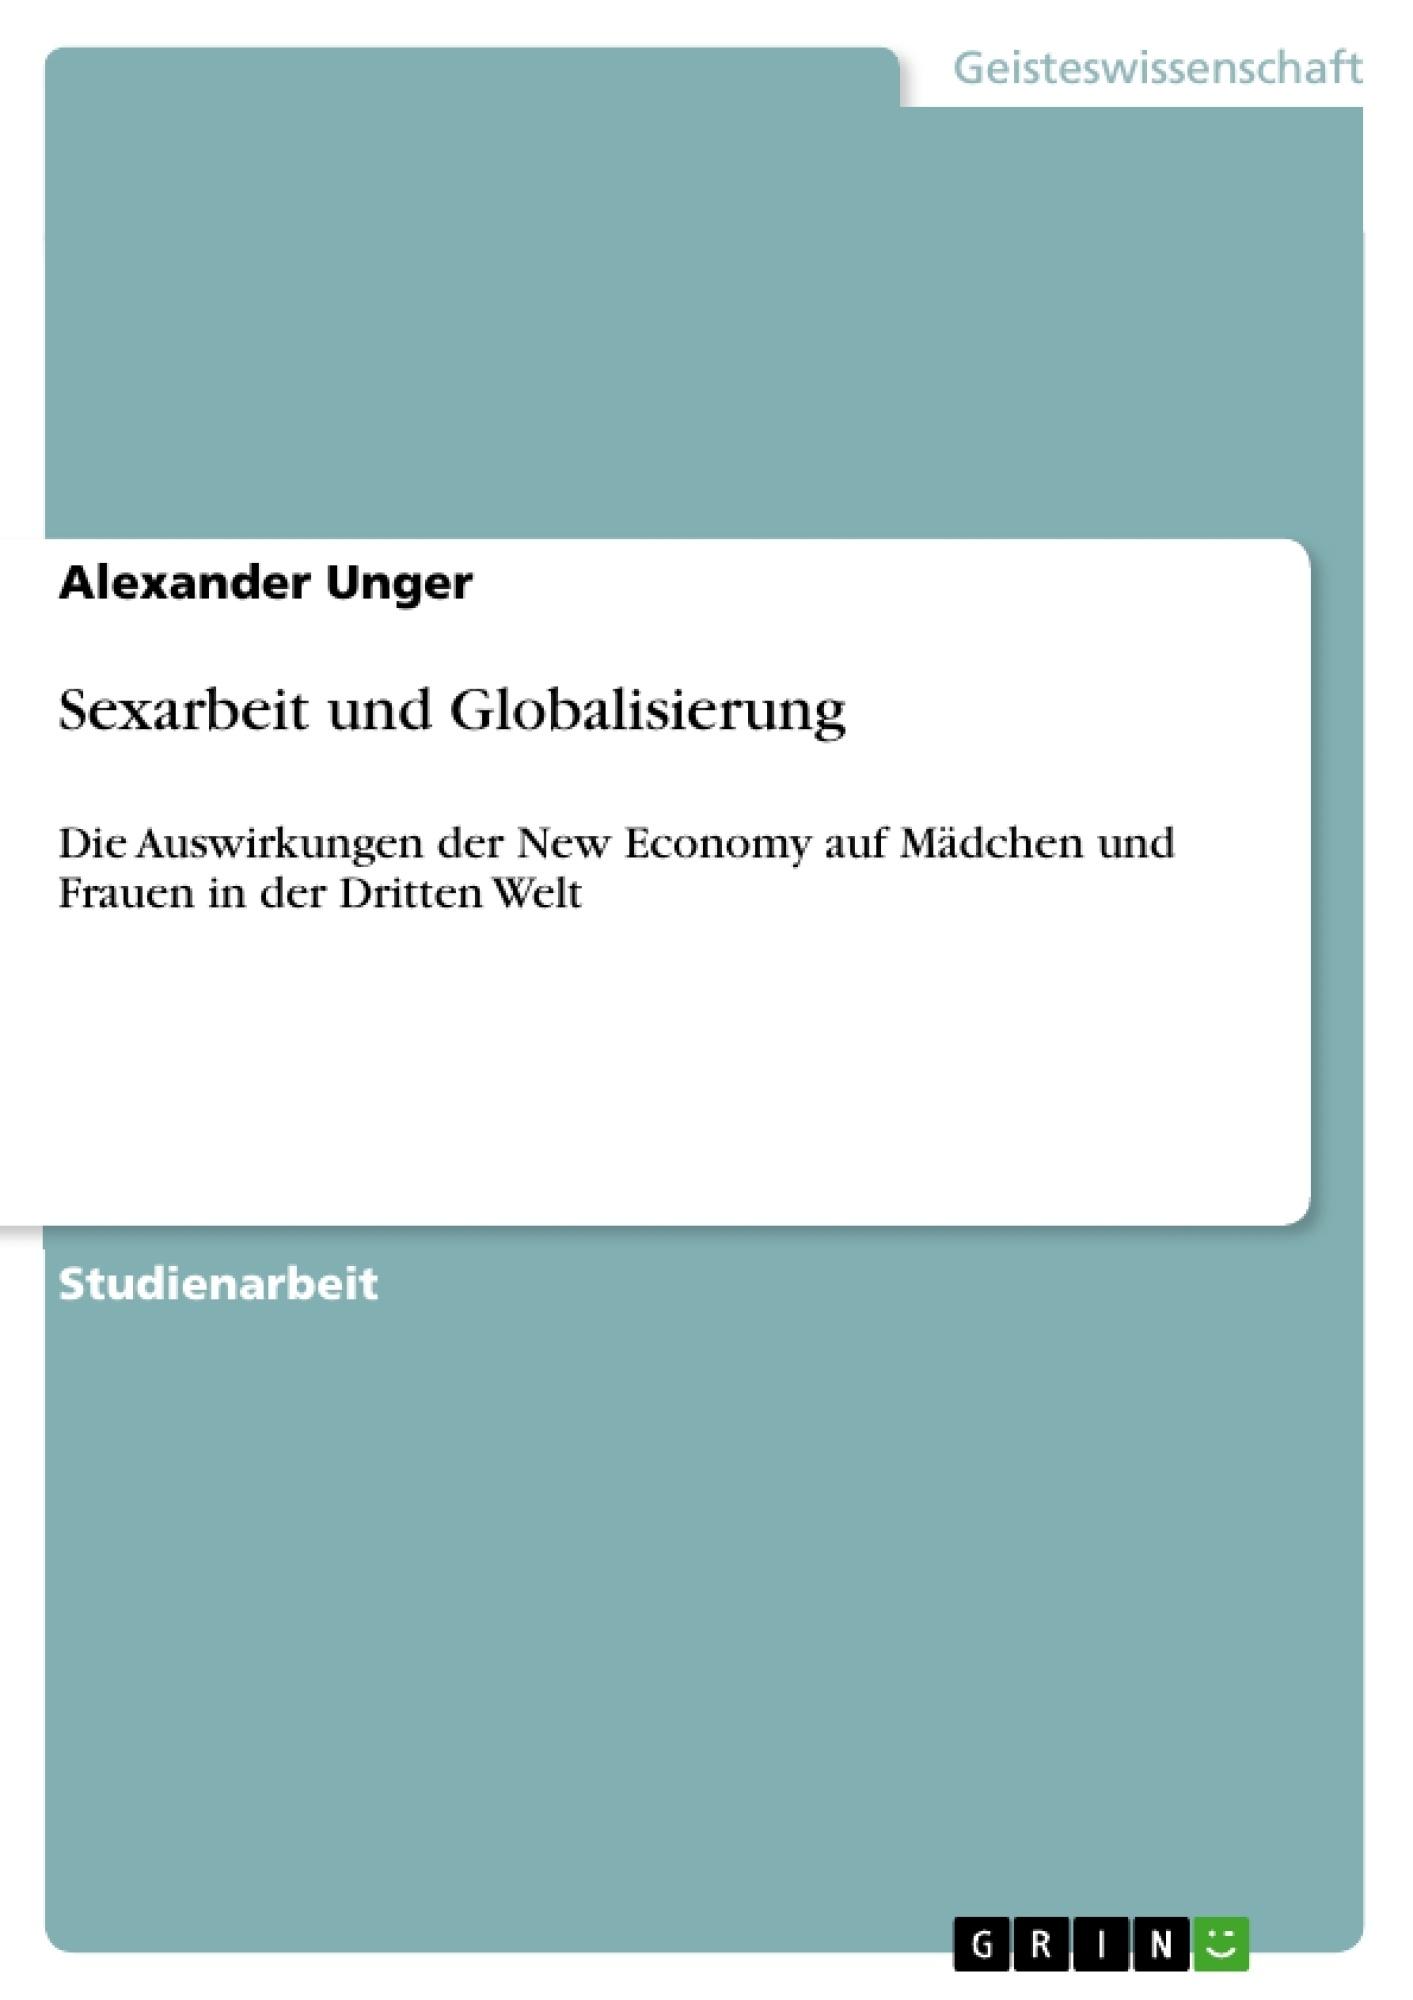 Titel: Sexarbeit und Globalisierung